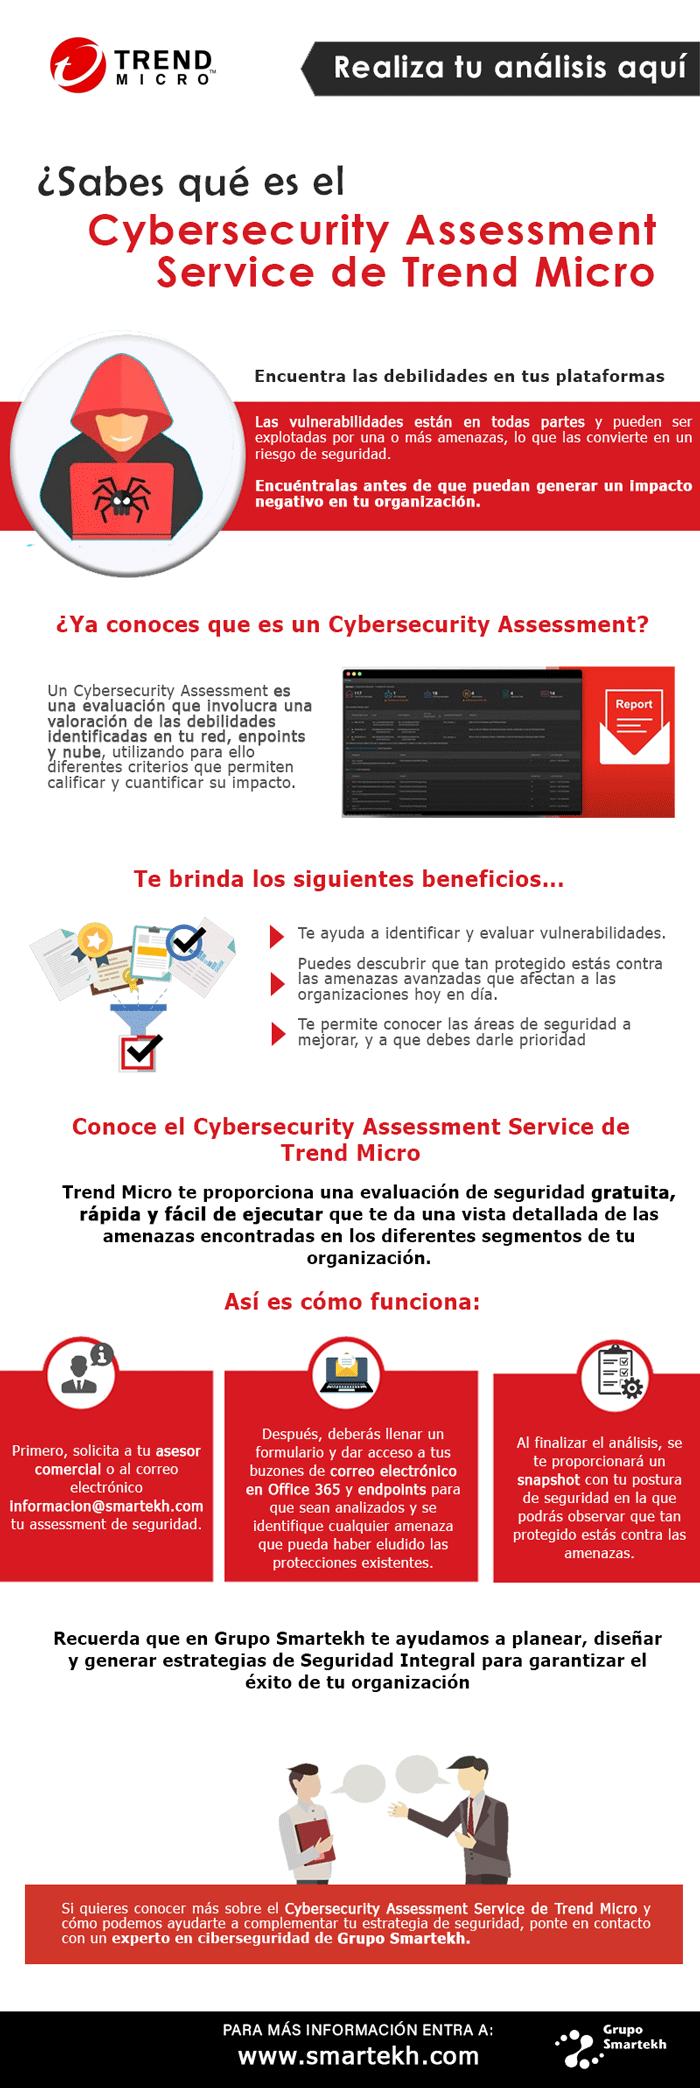 ¿Qué es el CyberSecurity Assessment Service de Trend Micro? y por qué debería interesarte